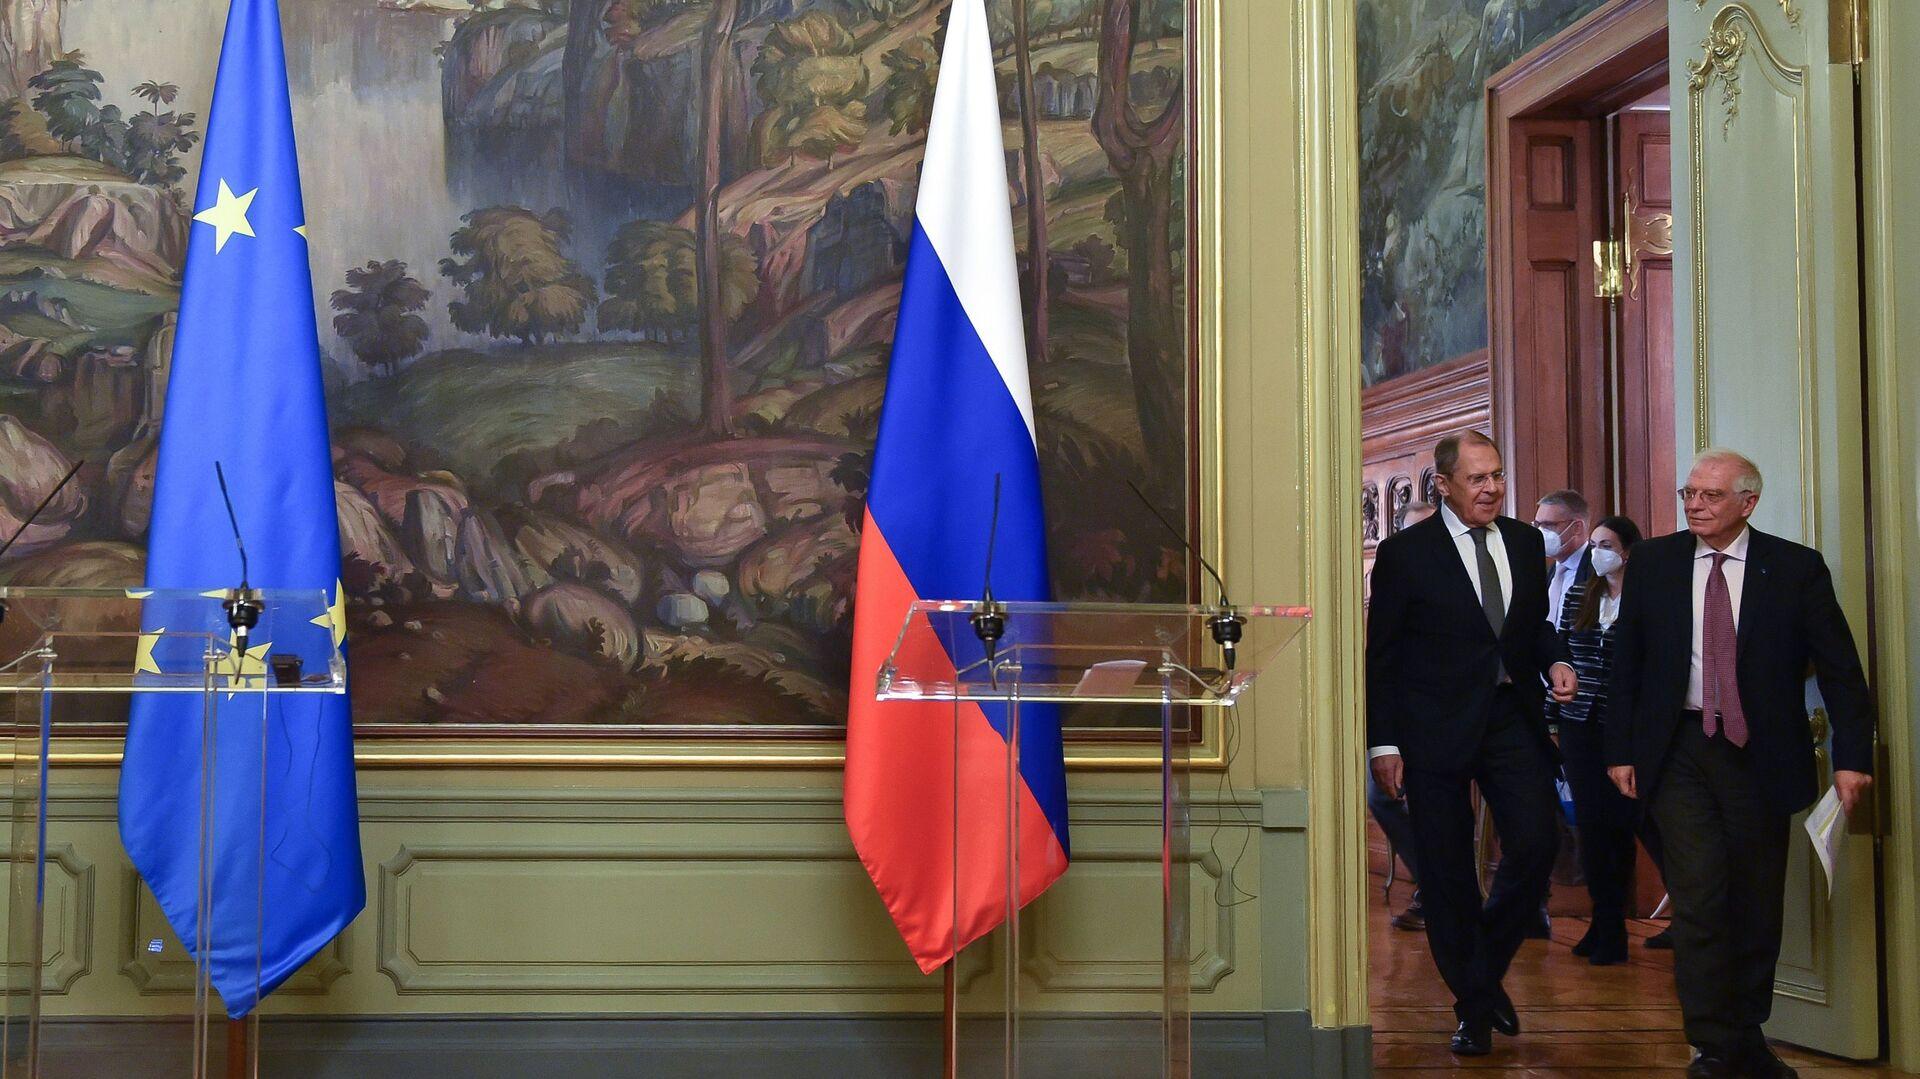 El jefe de la diplomacia europea, Josep Borrell, junto al canciller de Rusia, Serguéi Lavrov - Sputnik Mundo, 1920, 21.04.2021